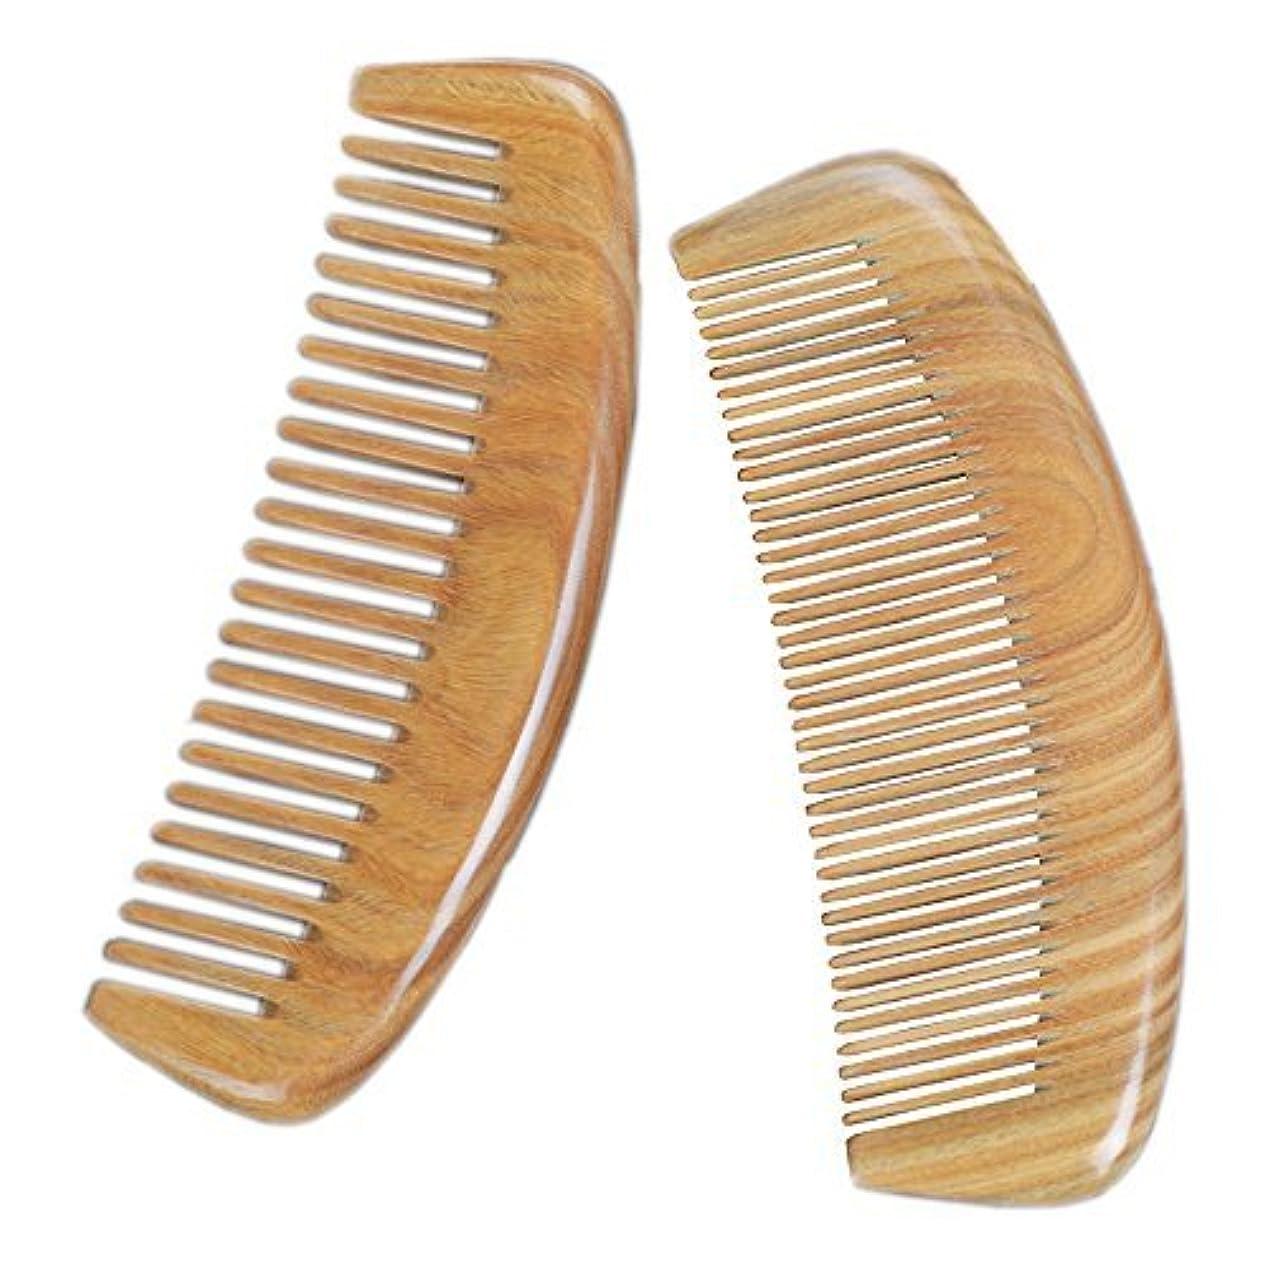 ヒープ暗黙宝石LiveZone Handmade Natural Green Sandalwood 2-Count(Minute Tooth and Wide Tooth Wood Comb) Hair Comb with Natural...